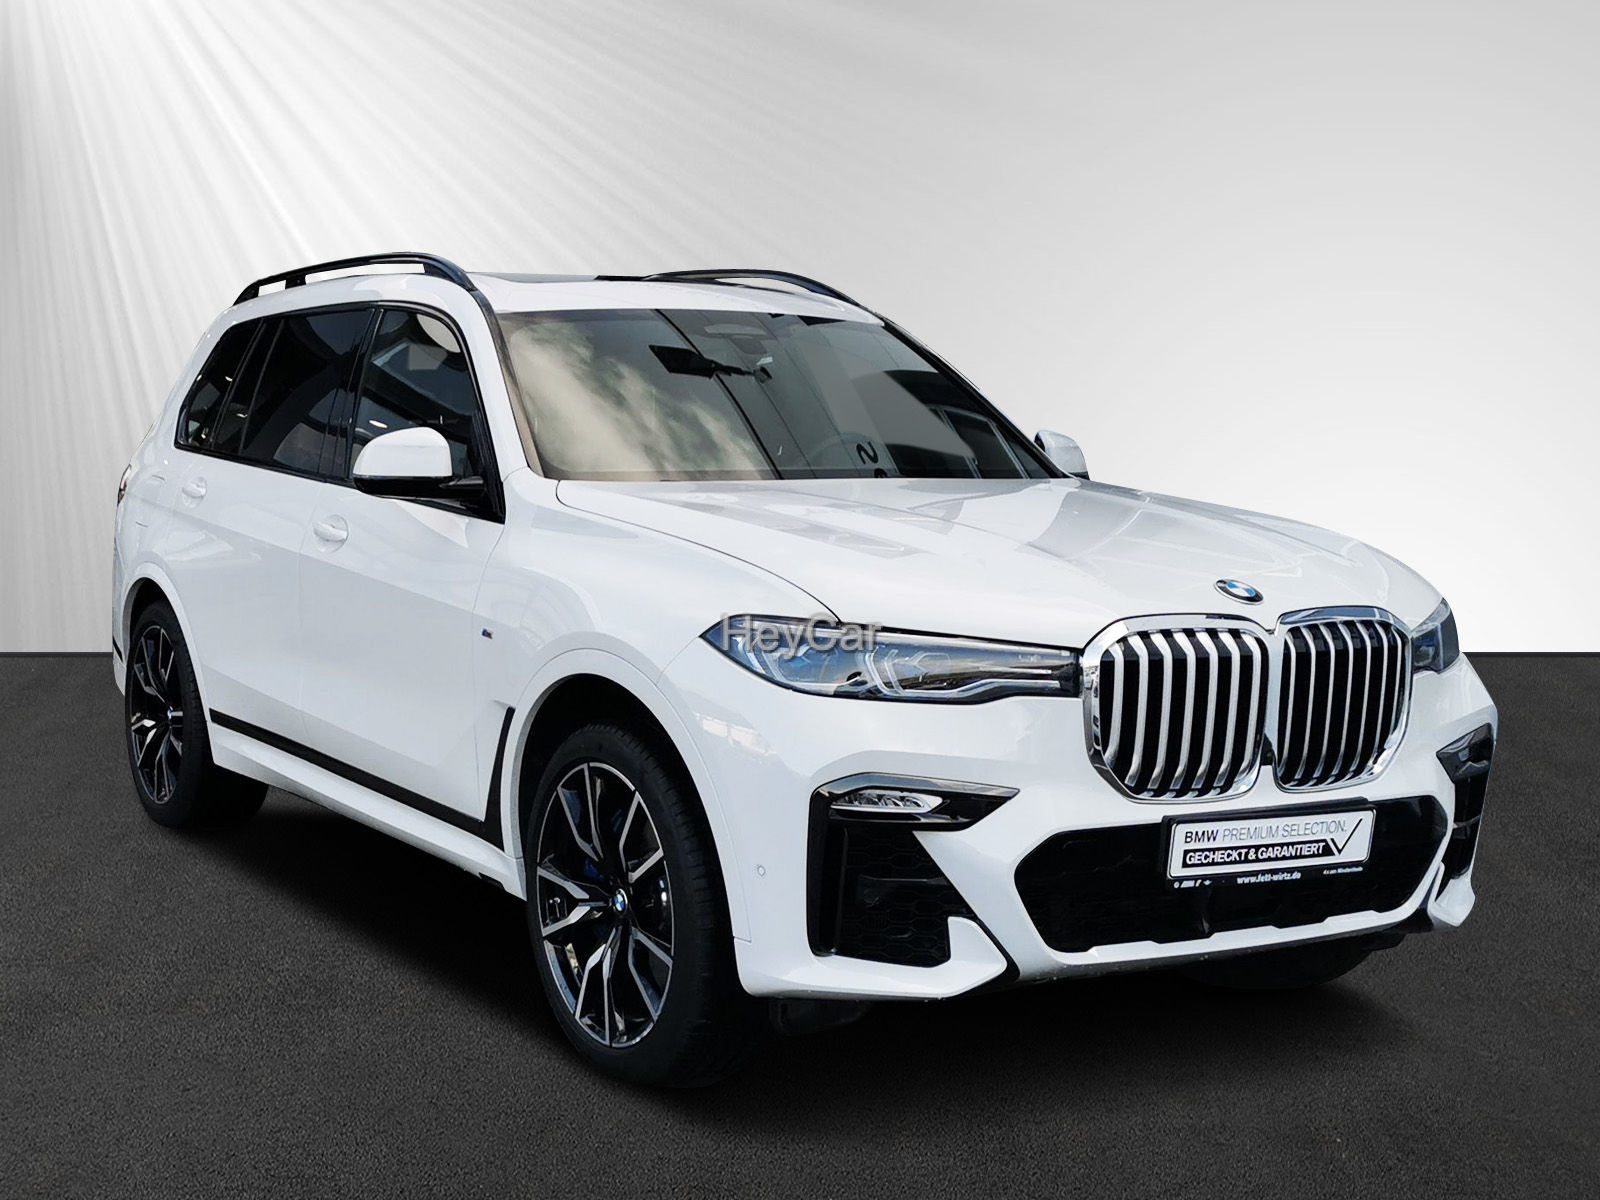 BMW X7 xDrive30d MSport Leas. ab 999,- br. o. Anz., Jahr 2019, Diesel